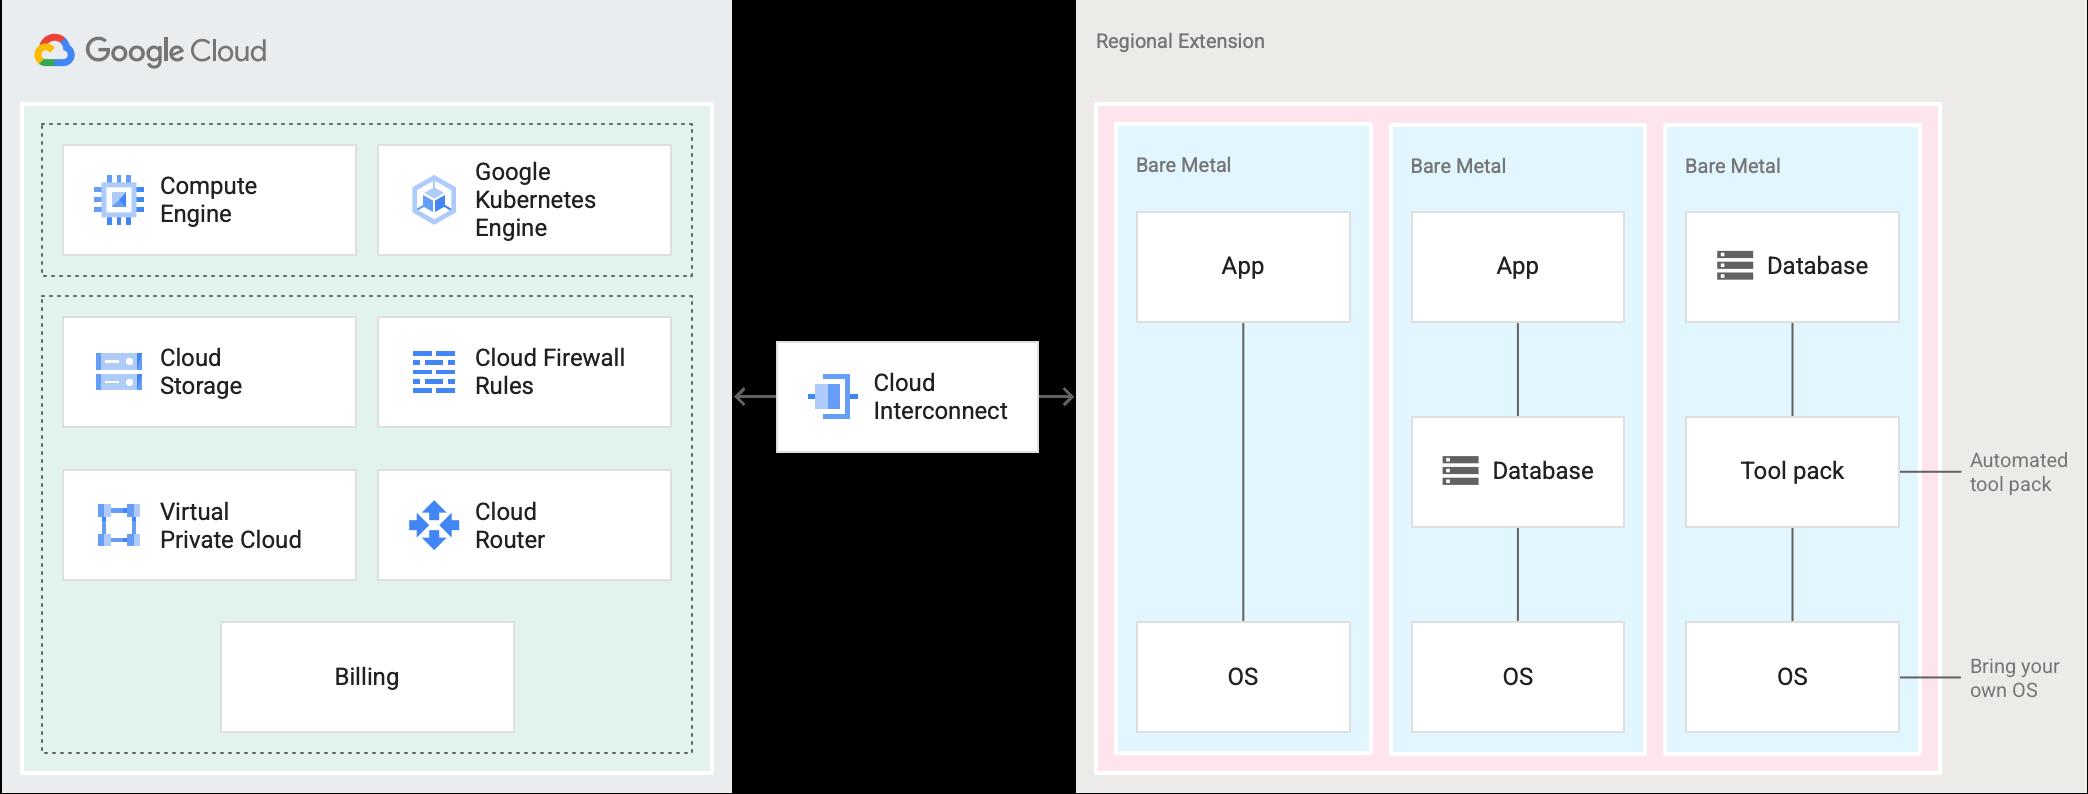 Los servidores físicos se muestran en una extensión regional que se ubica junto a un centro de datos de GoogleCloud.